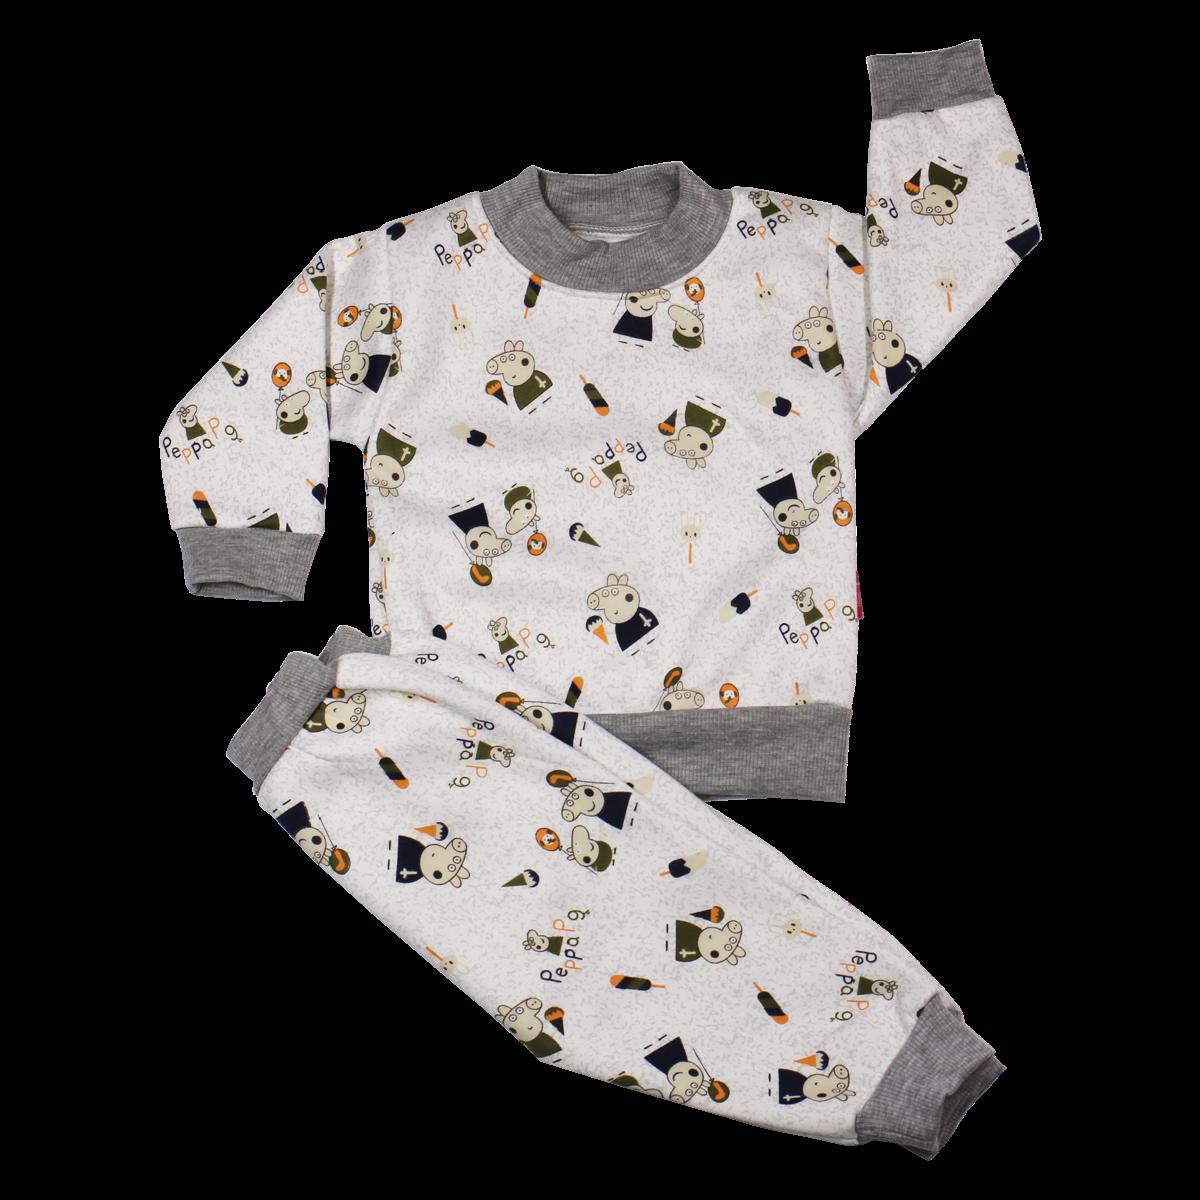 Bộ quần áo nỉ lót bông in hình (6-36M)